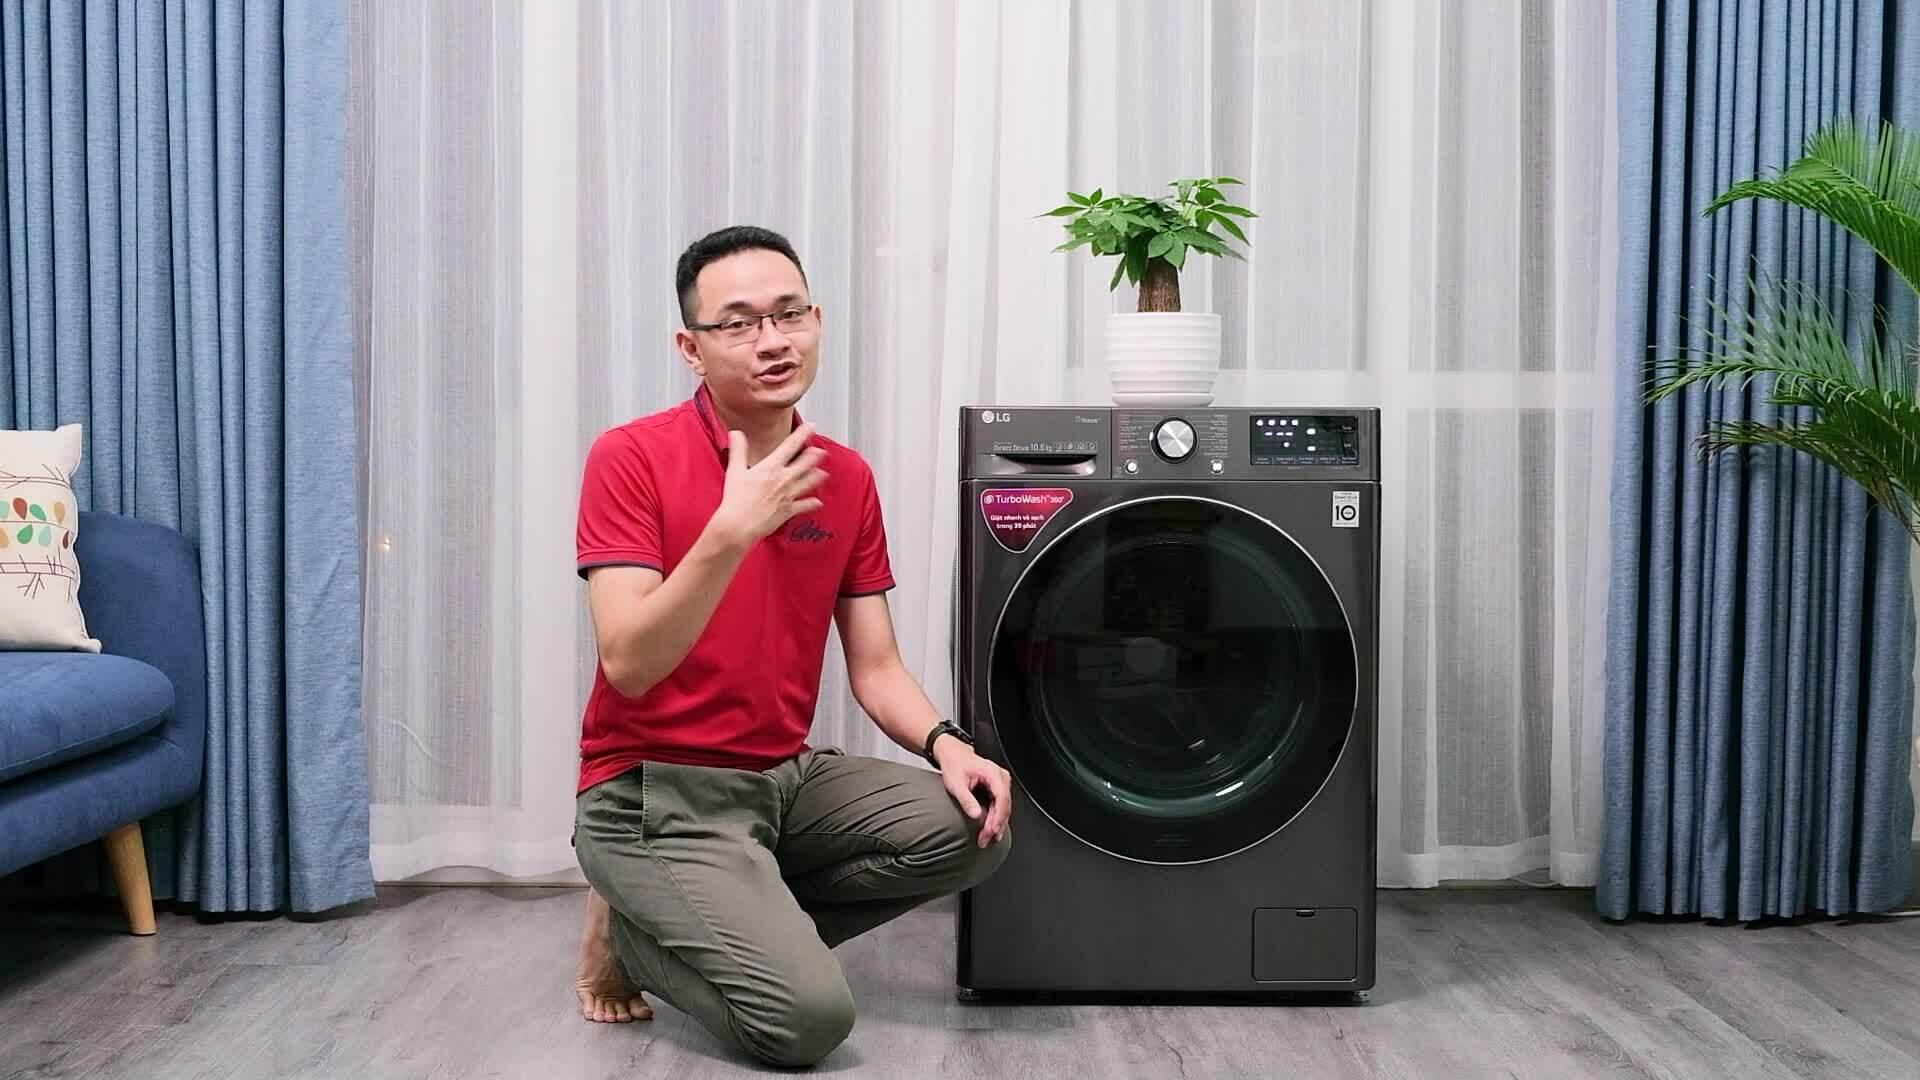 Trải nghiệm máy giặt thông minh tự tính toán lượng nước, chế độ